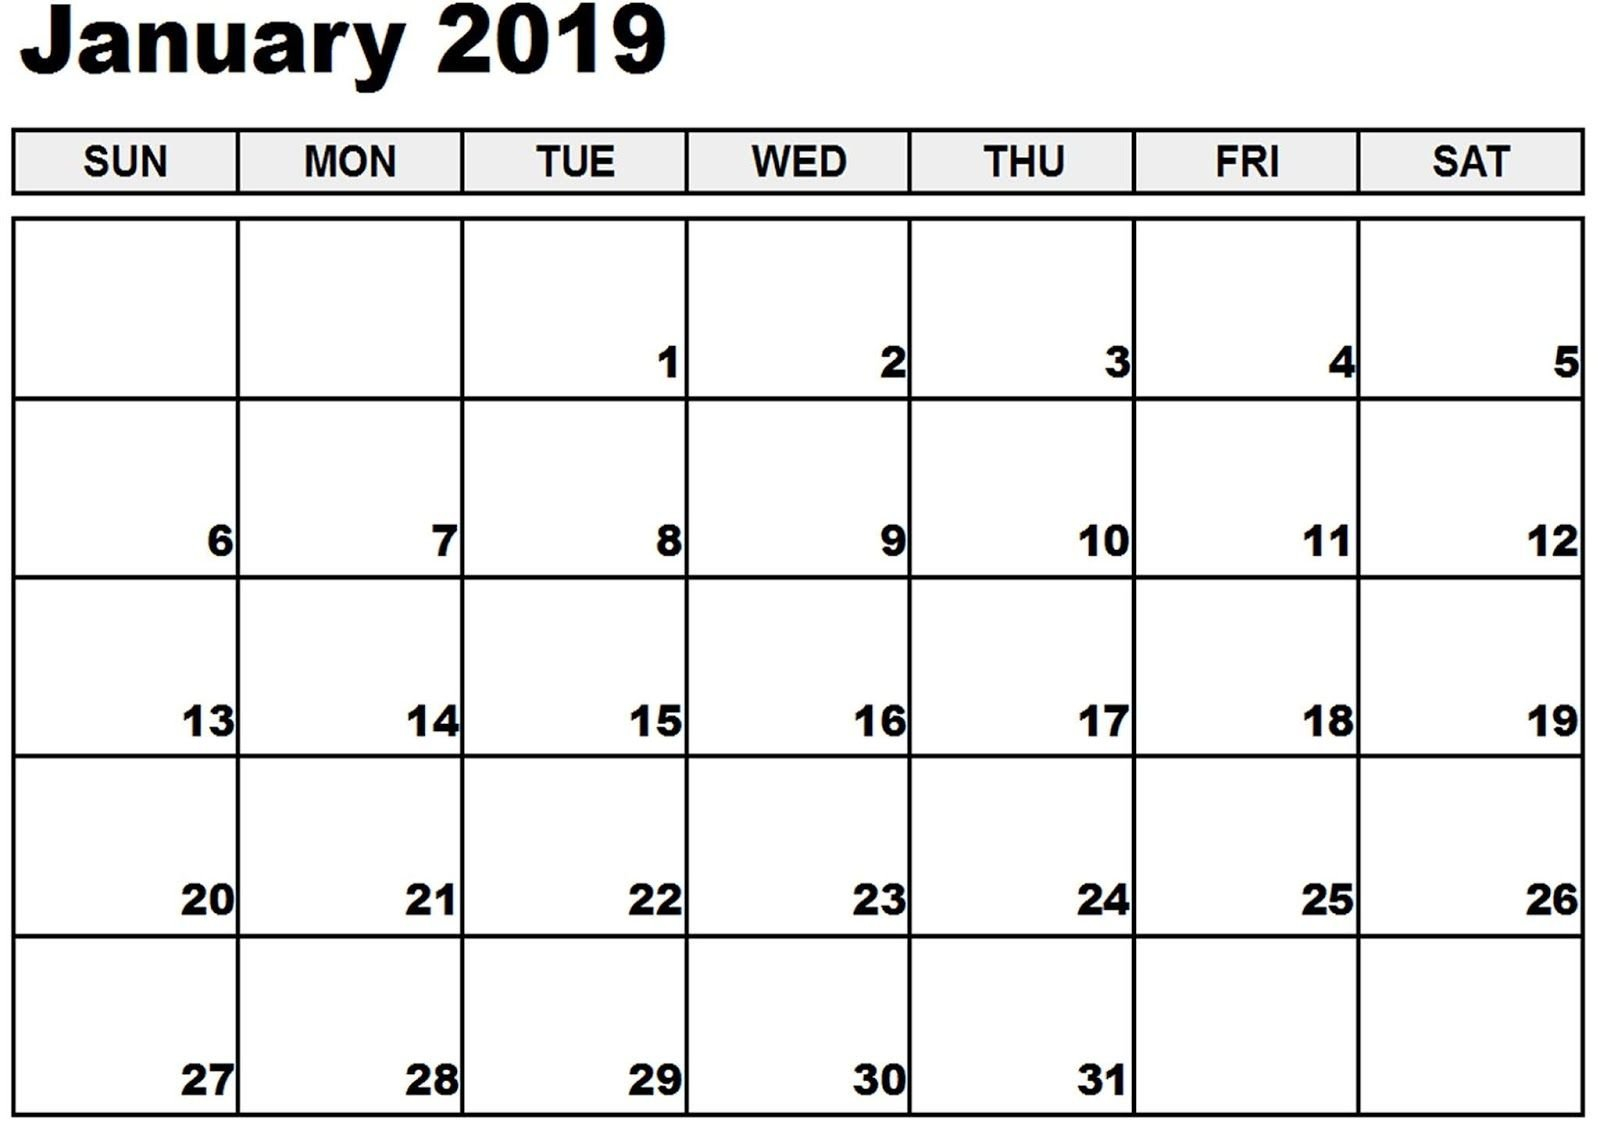 January Calendar 2019 Word #january2019 #january Calendar 2019 January Pdf